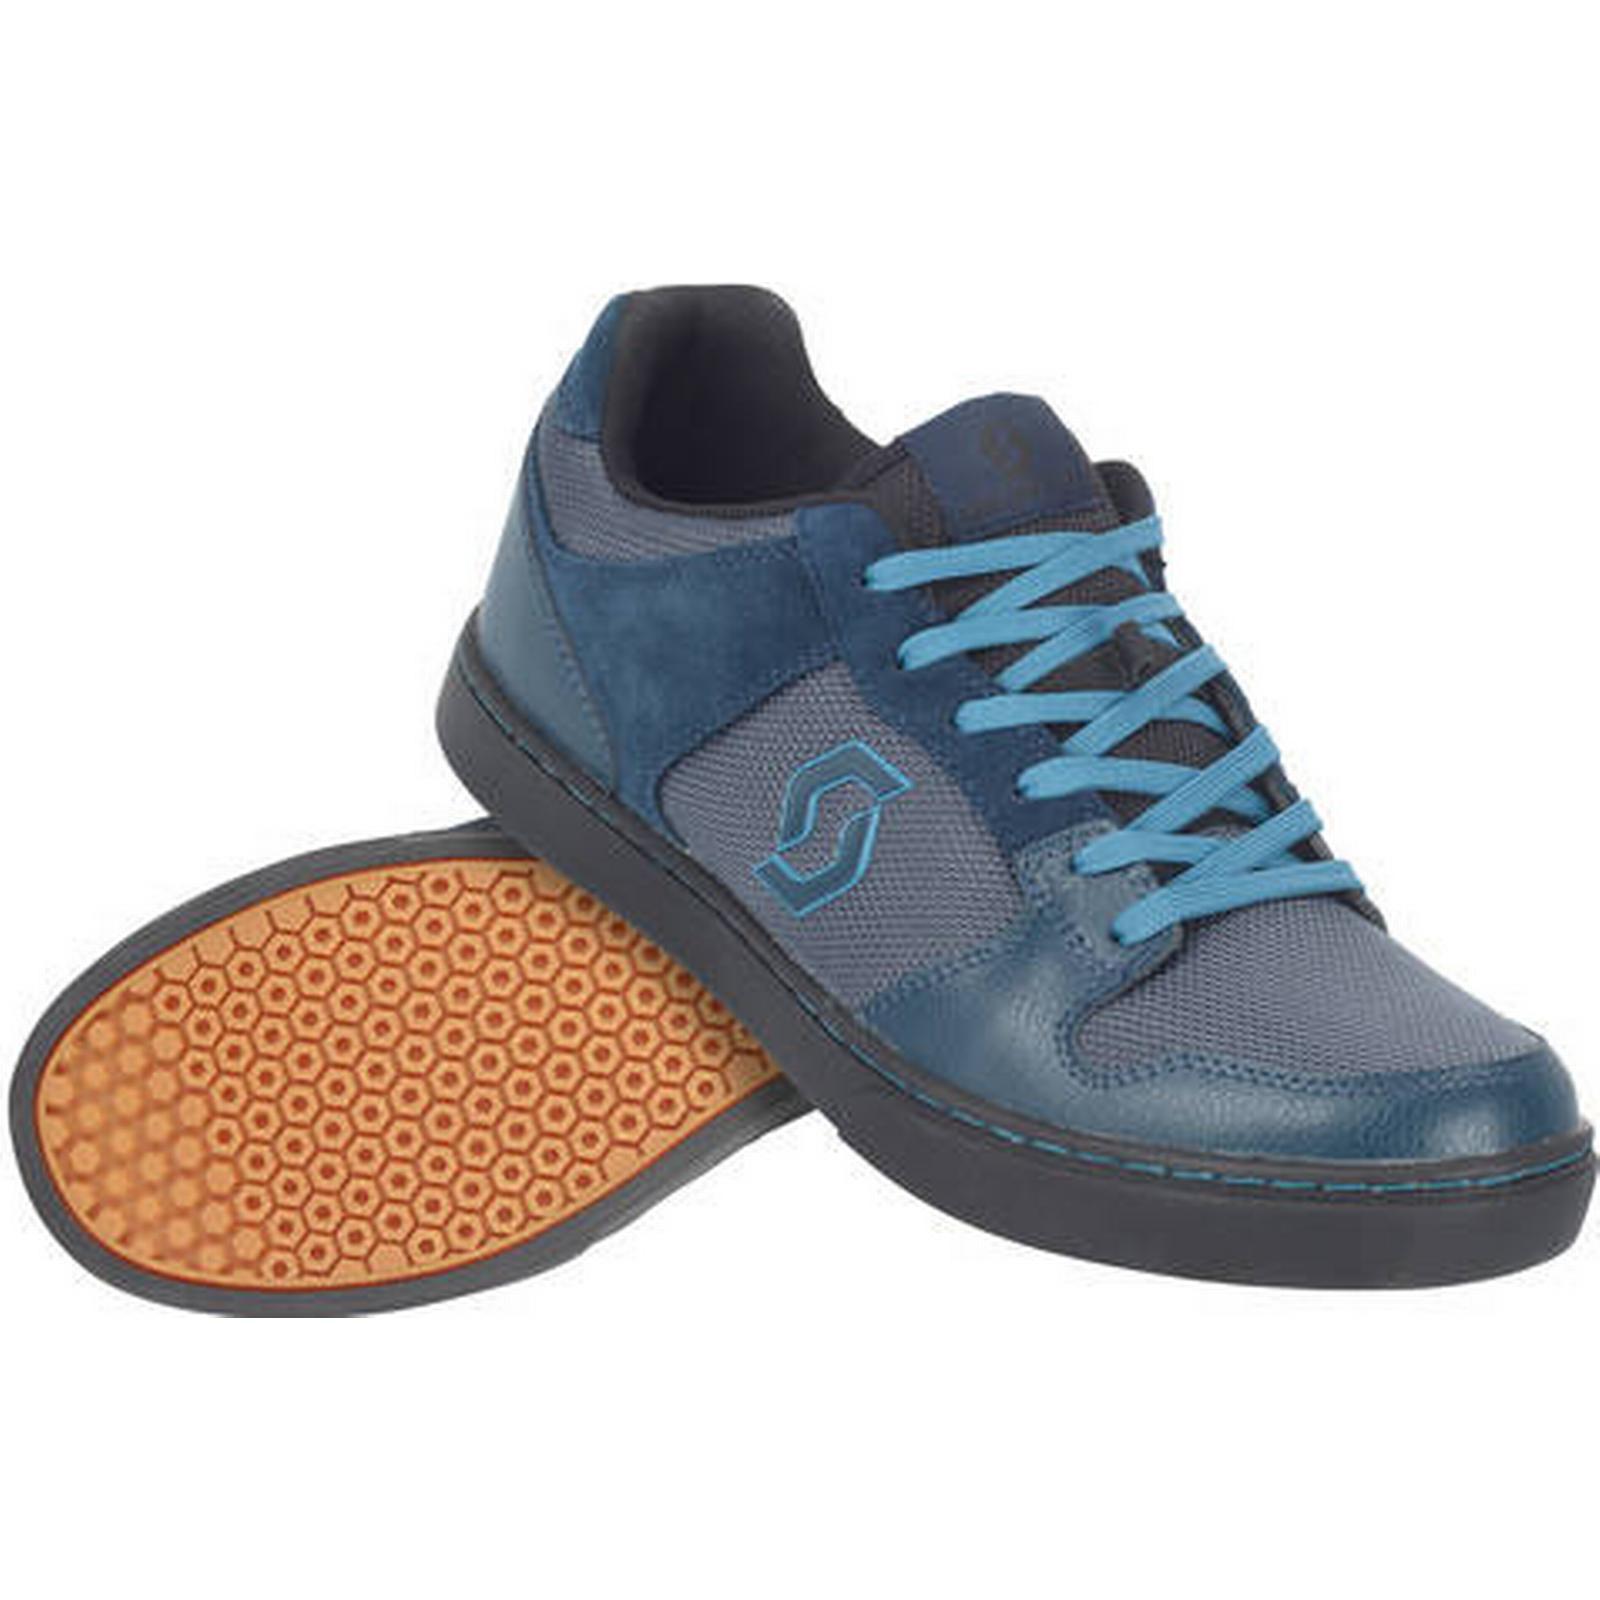 Scott FR | 10 Flat Cycling Shoes | FR Blue/Black - 39 5e9370